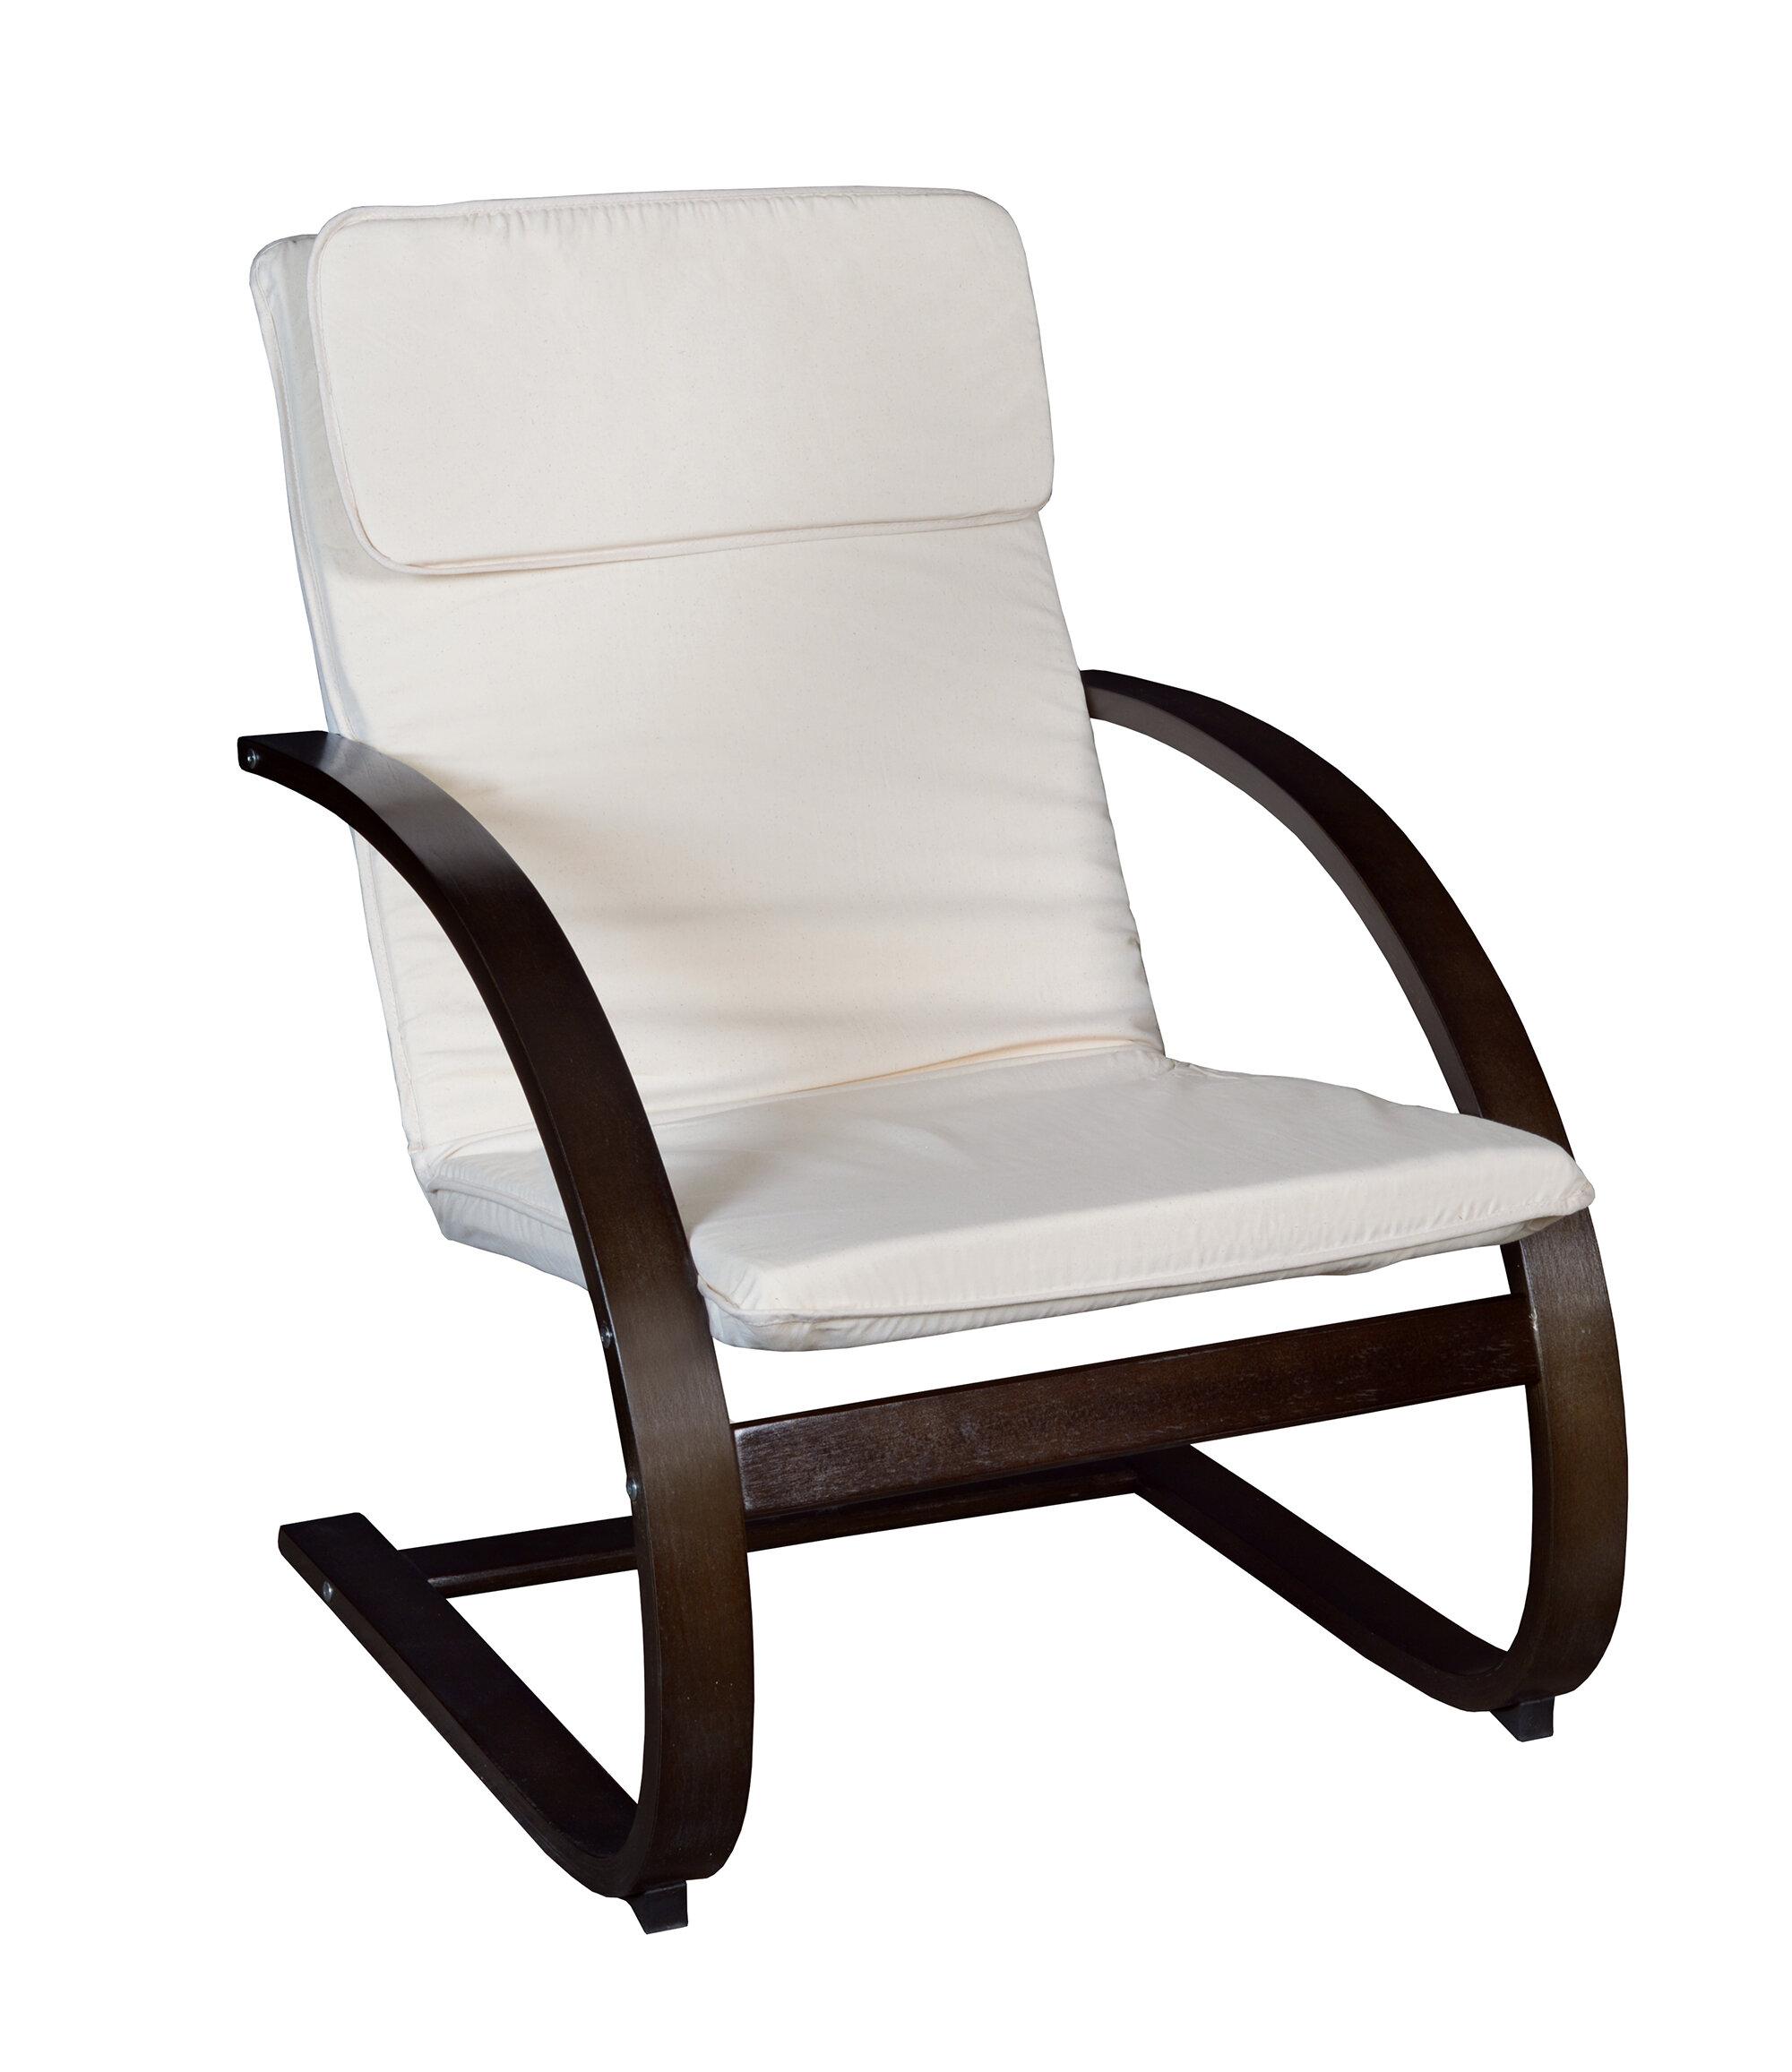 Sensational Gans Rocking Chair Short Links Chair Design For Home Short Linksinfo